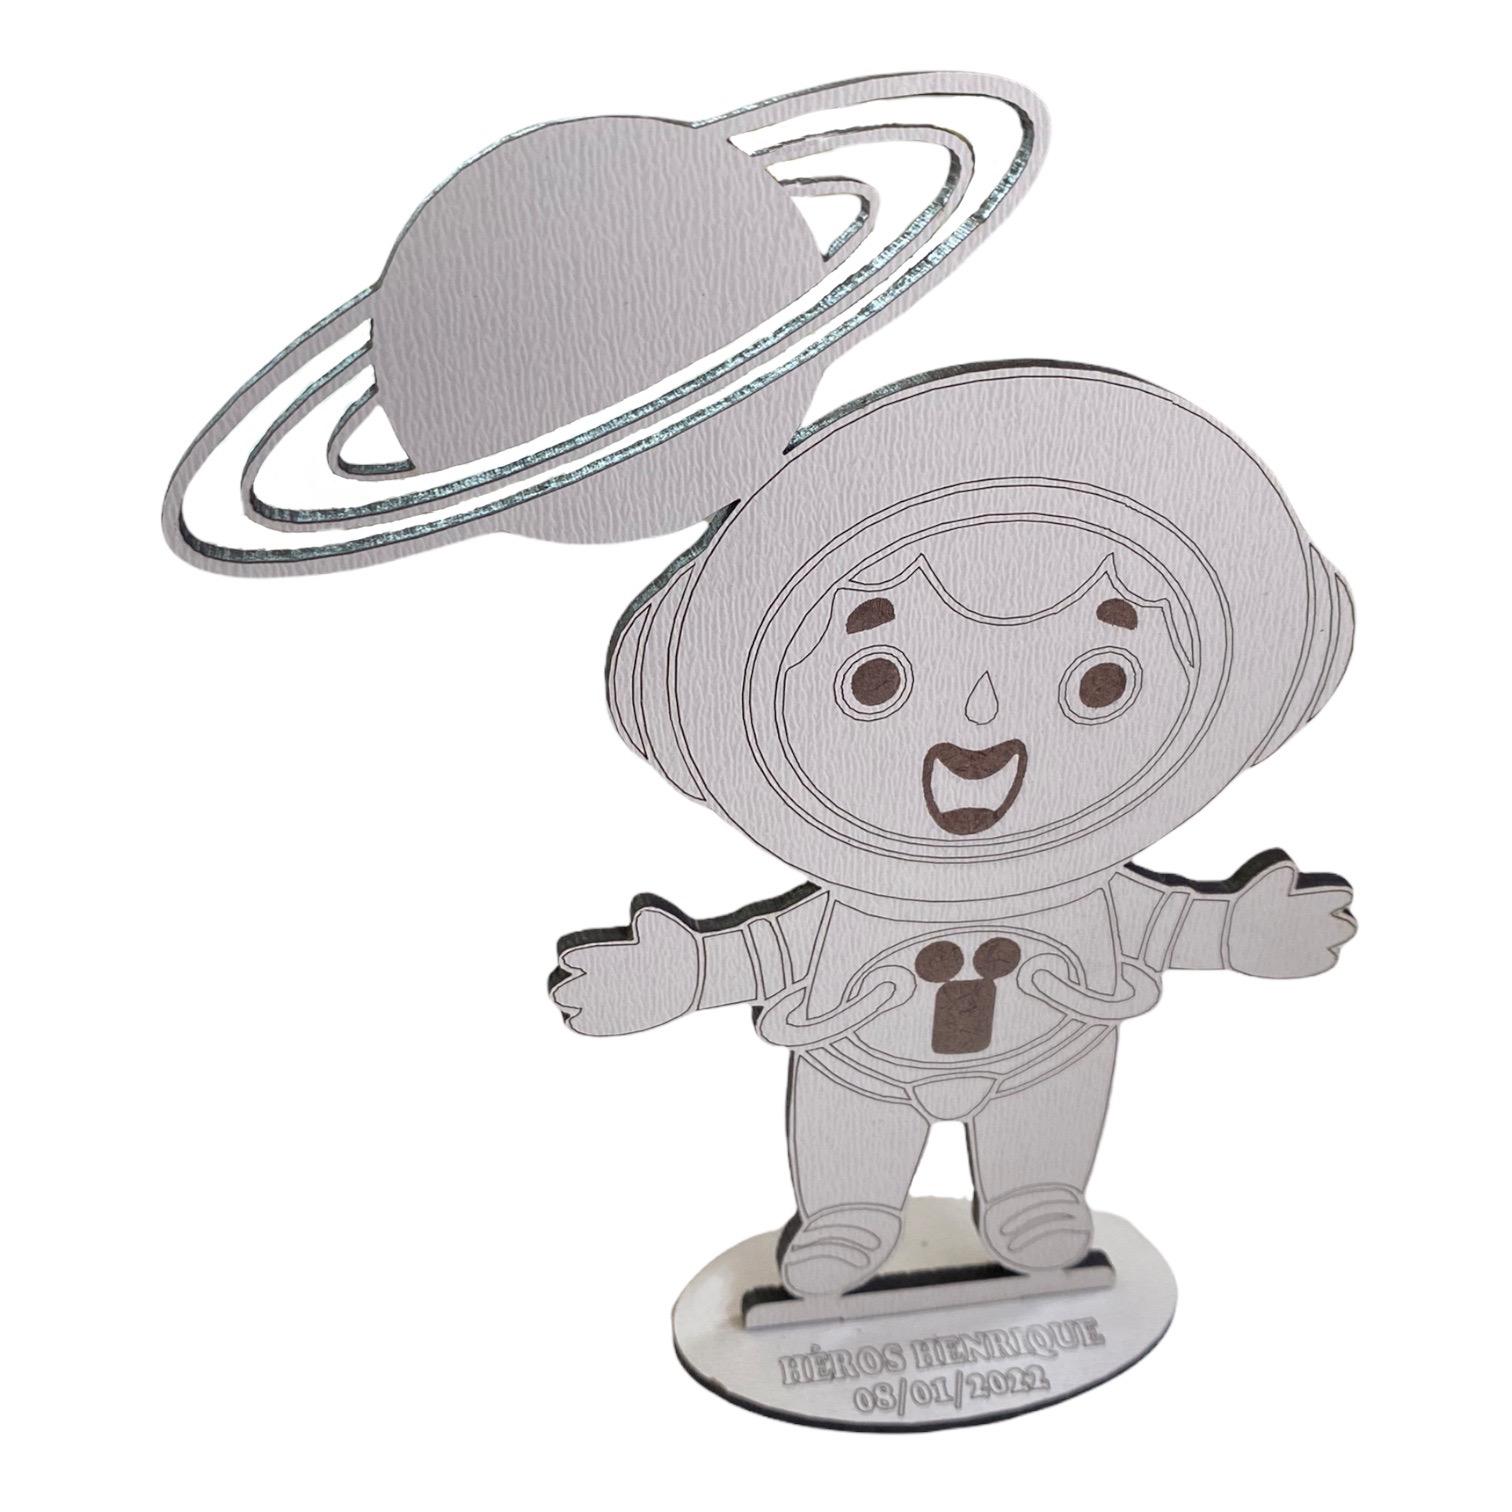 Lembrancinhas de Mesa 10cm Astronauta - MDF BRANCO